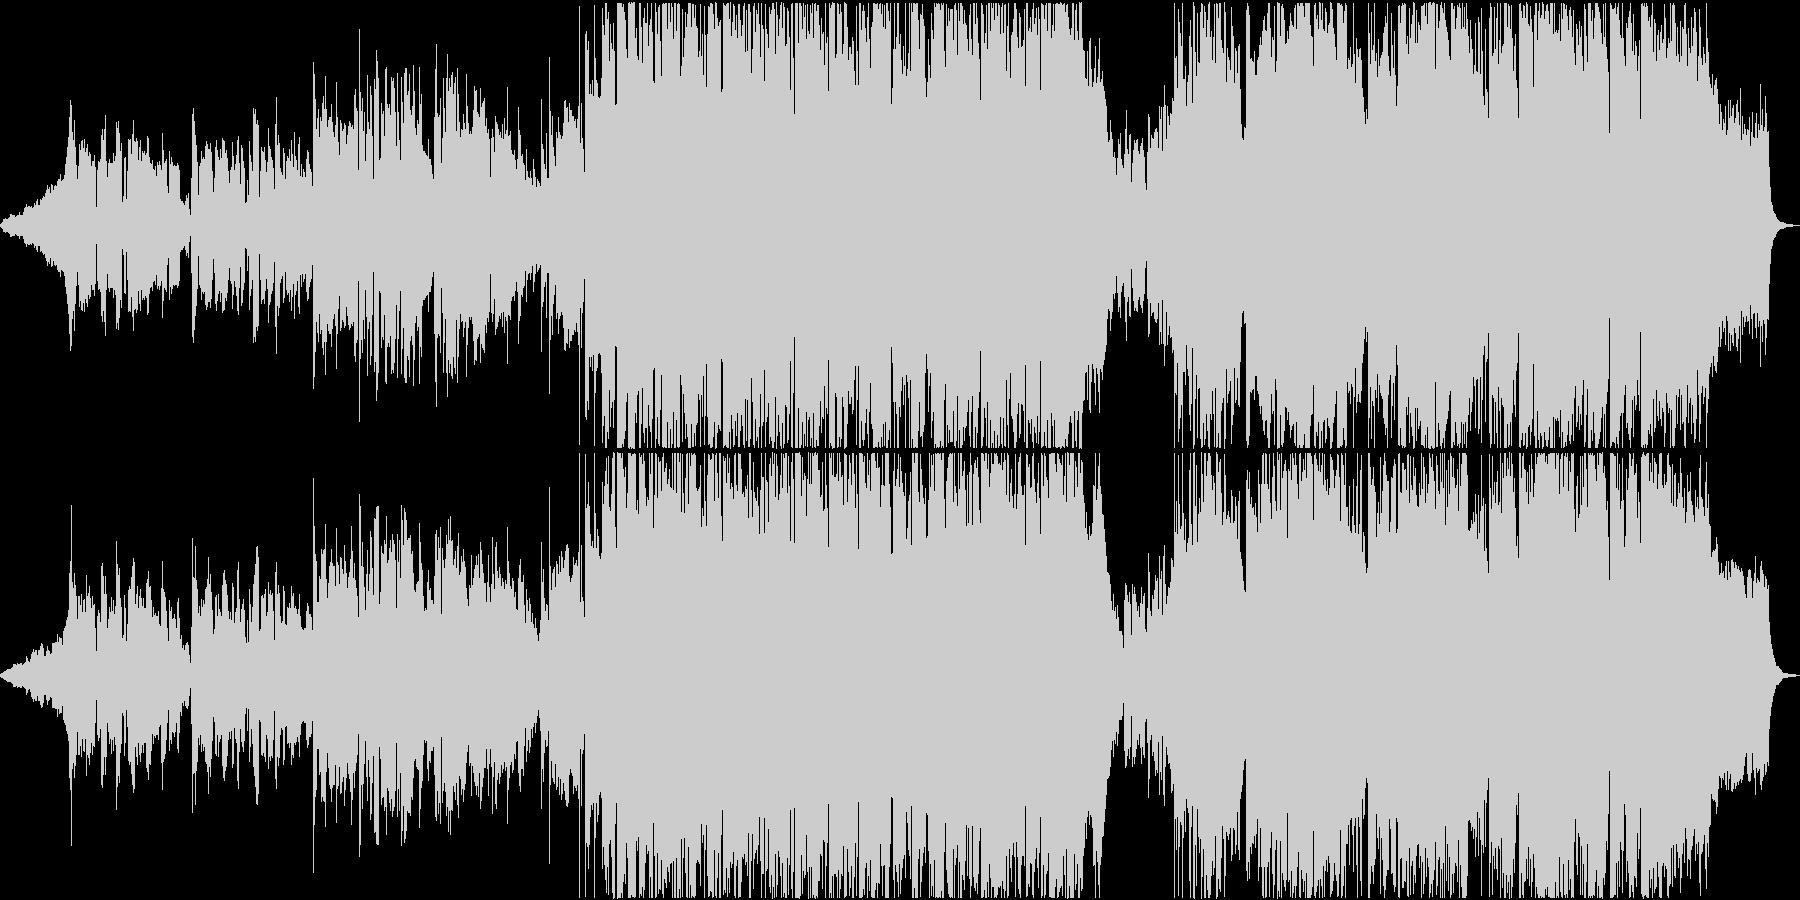 アニメ風バラードエンディング曲の未再生の波形